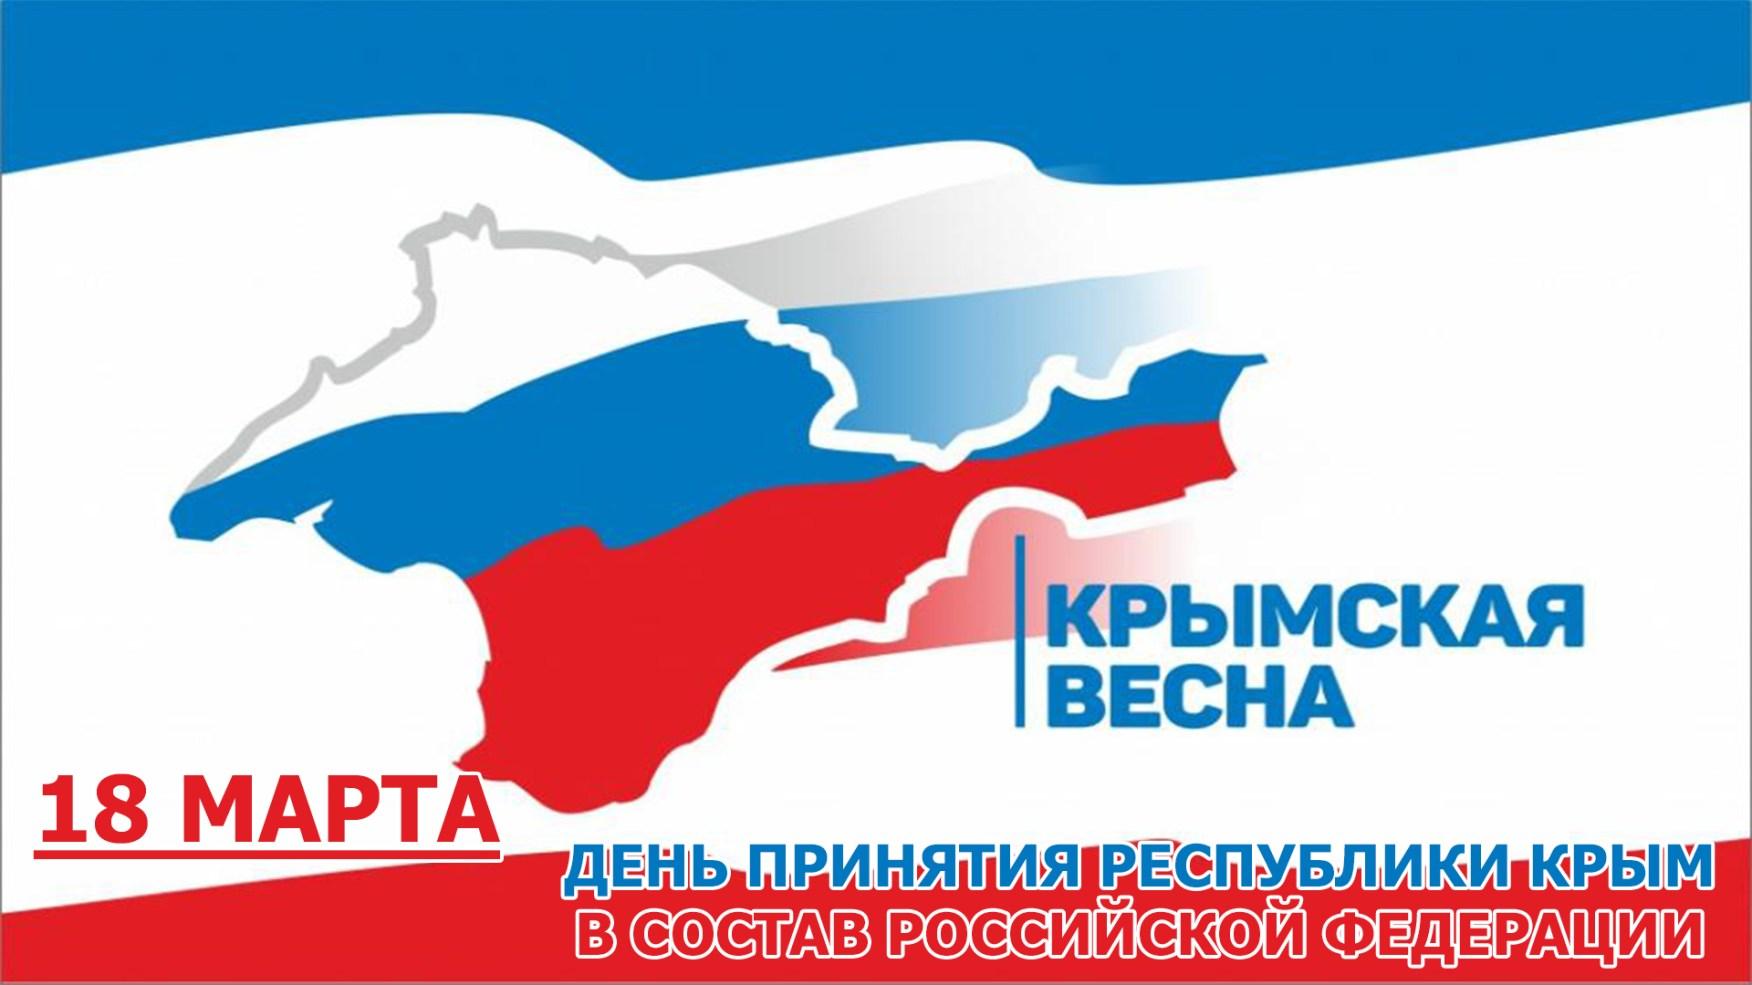 Крымская-весна.jpg